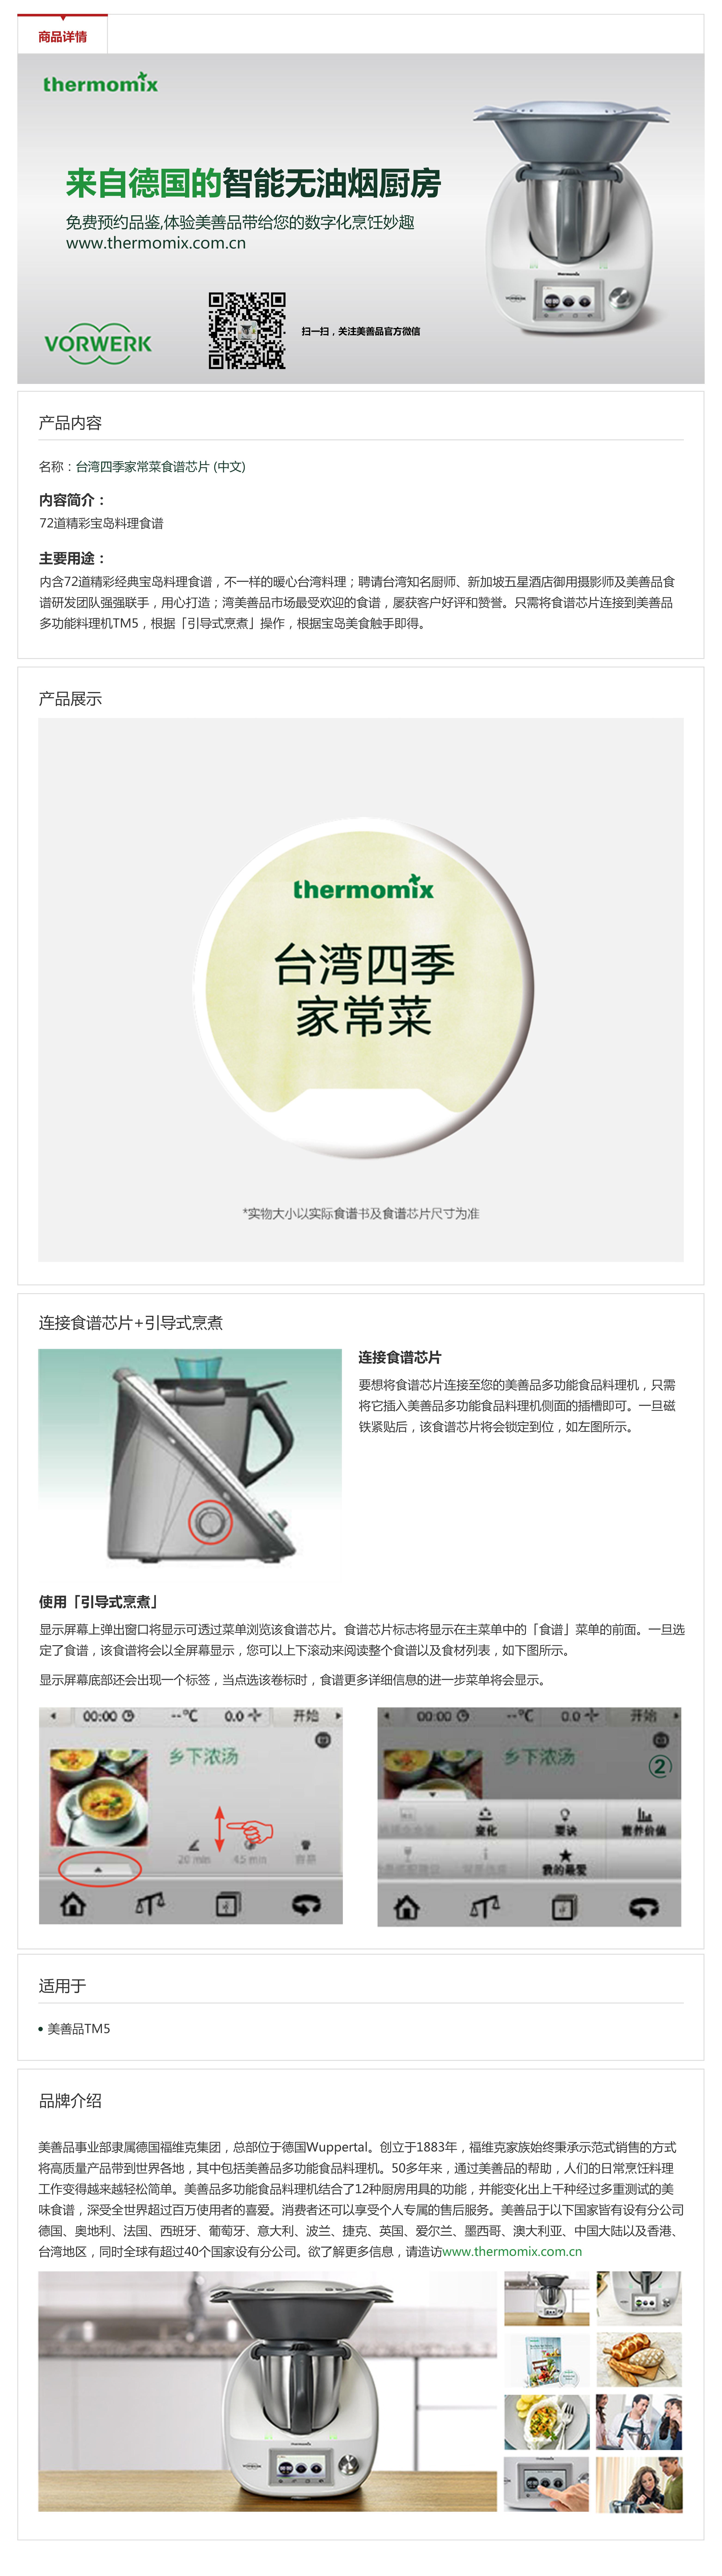 台湾四季家常菜食谱芯片 (中文)